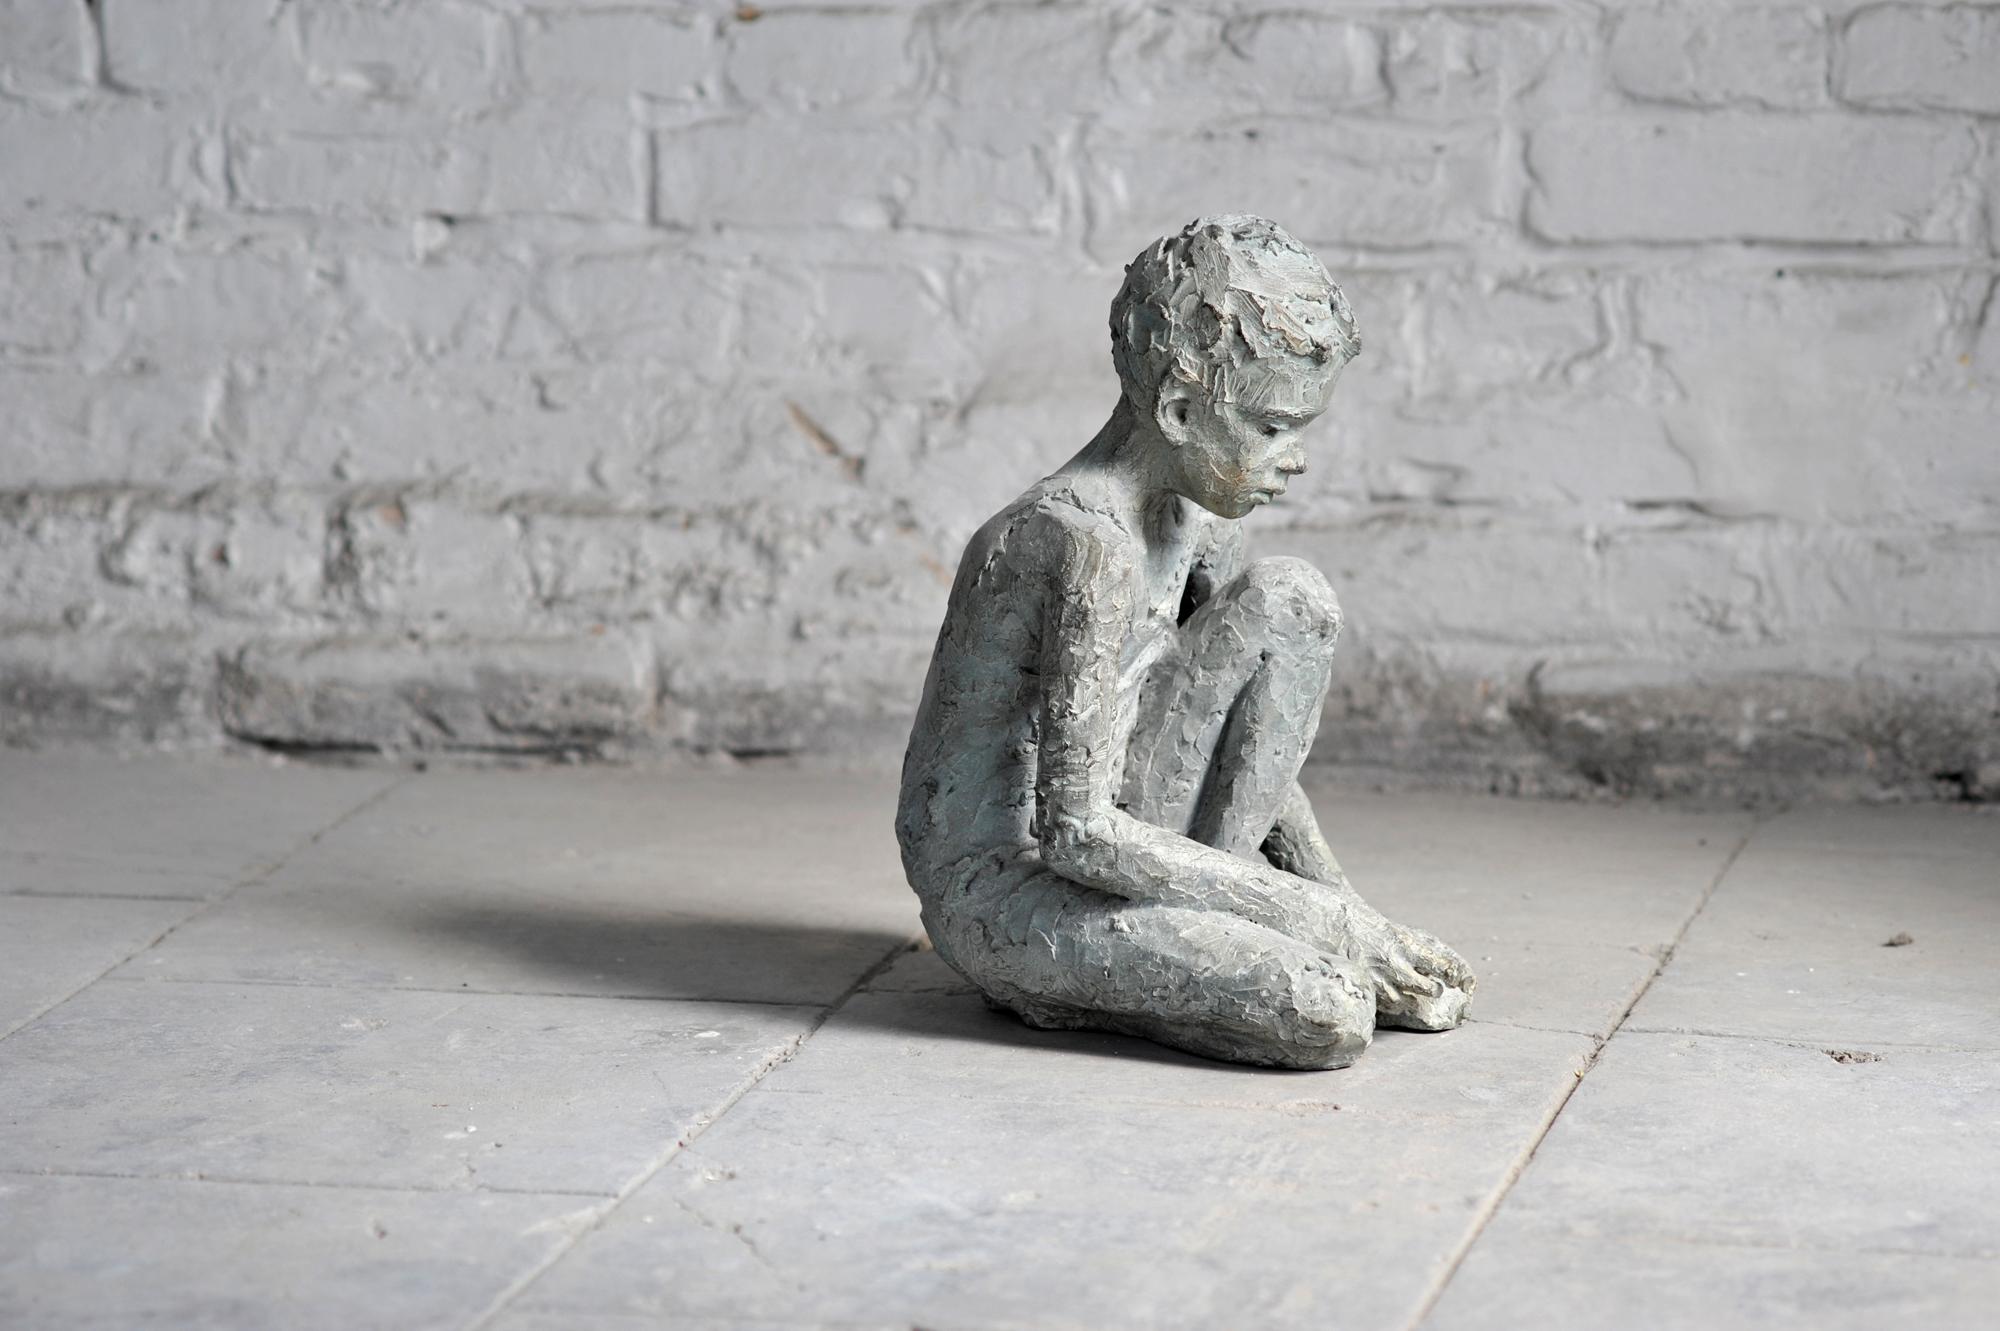 Jungendarstellung auf dem Boden hockend in Bronze gegossen